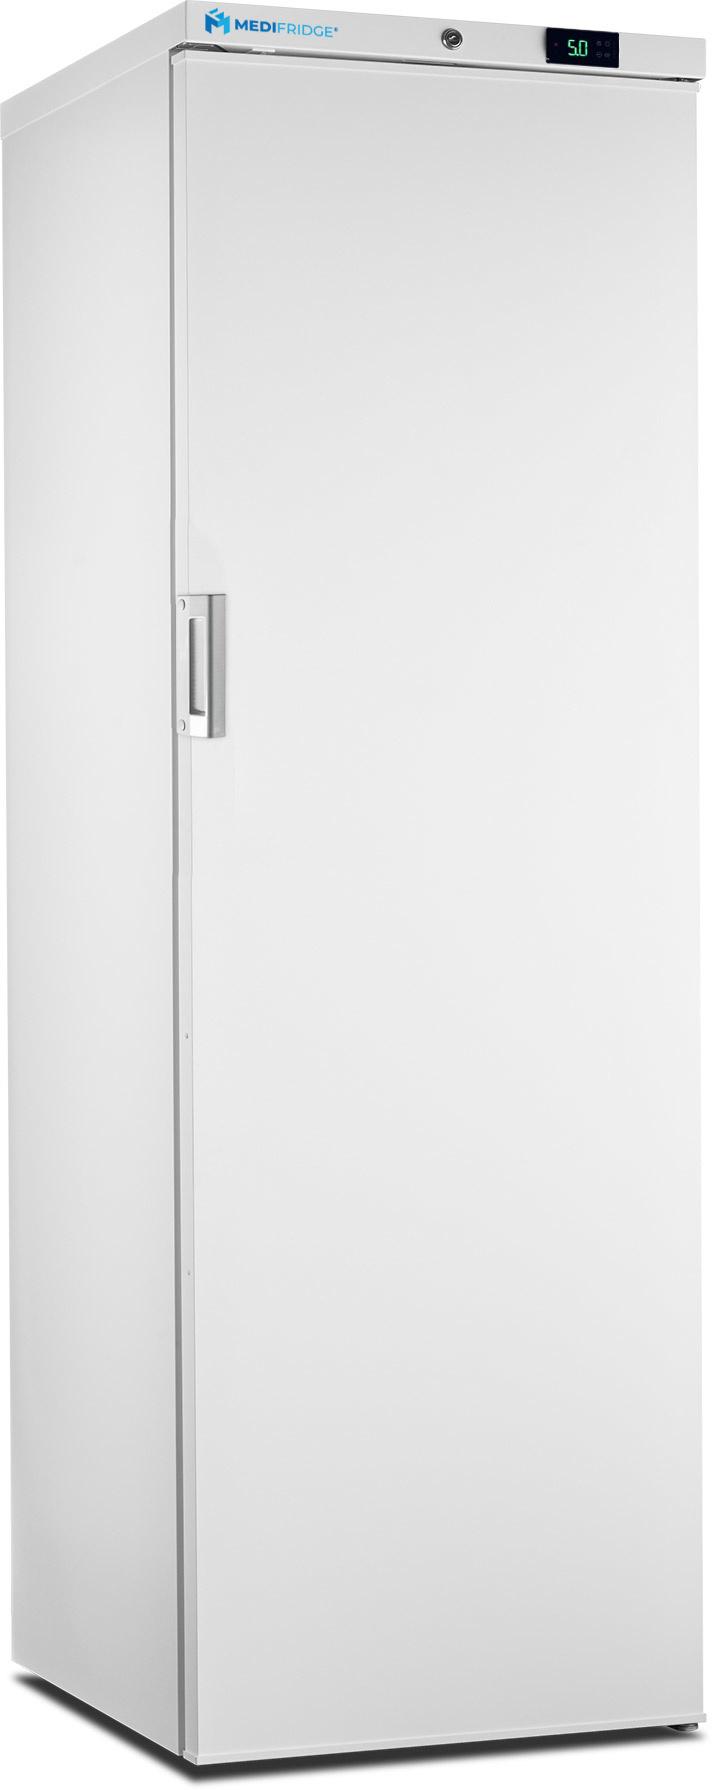 MediFridge Medikamentenkühlschrank MF450L-CD - Geschlossene Tür - 416 Liter - 600x700x1875 mm - DIN 58345